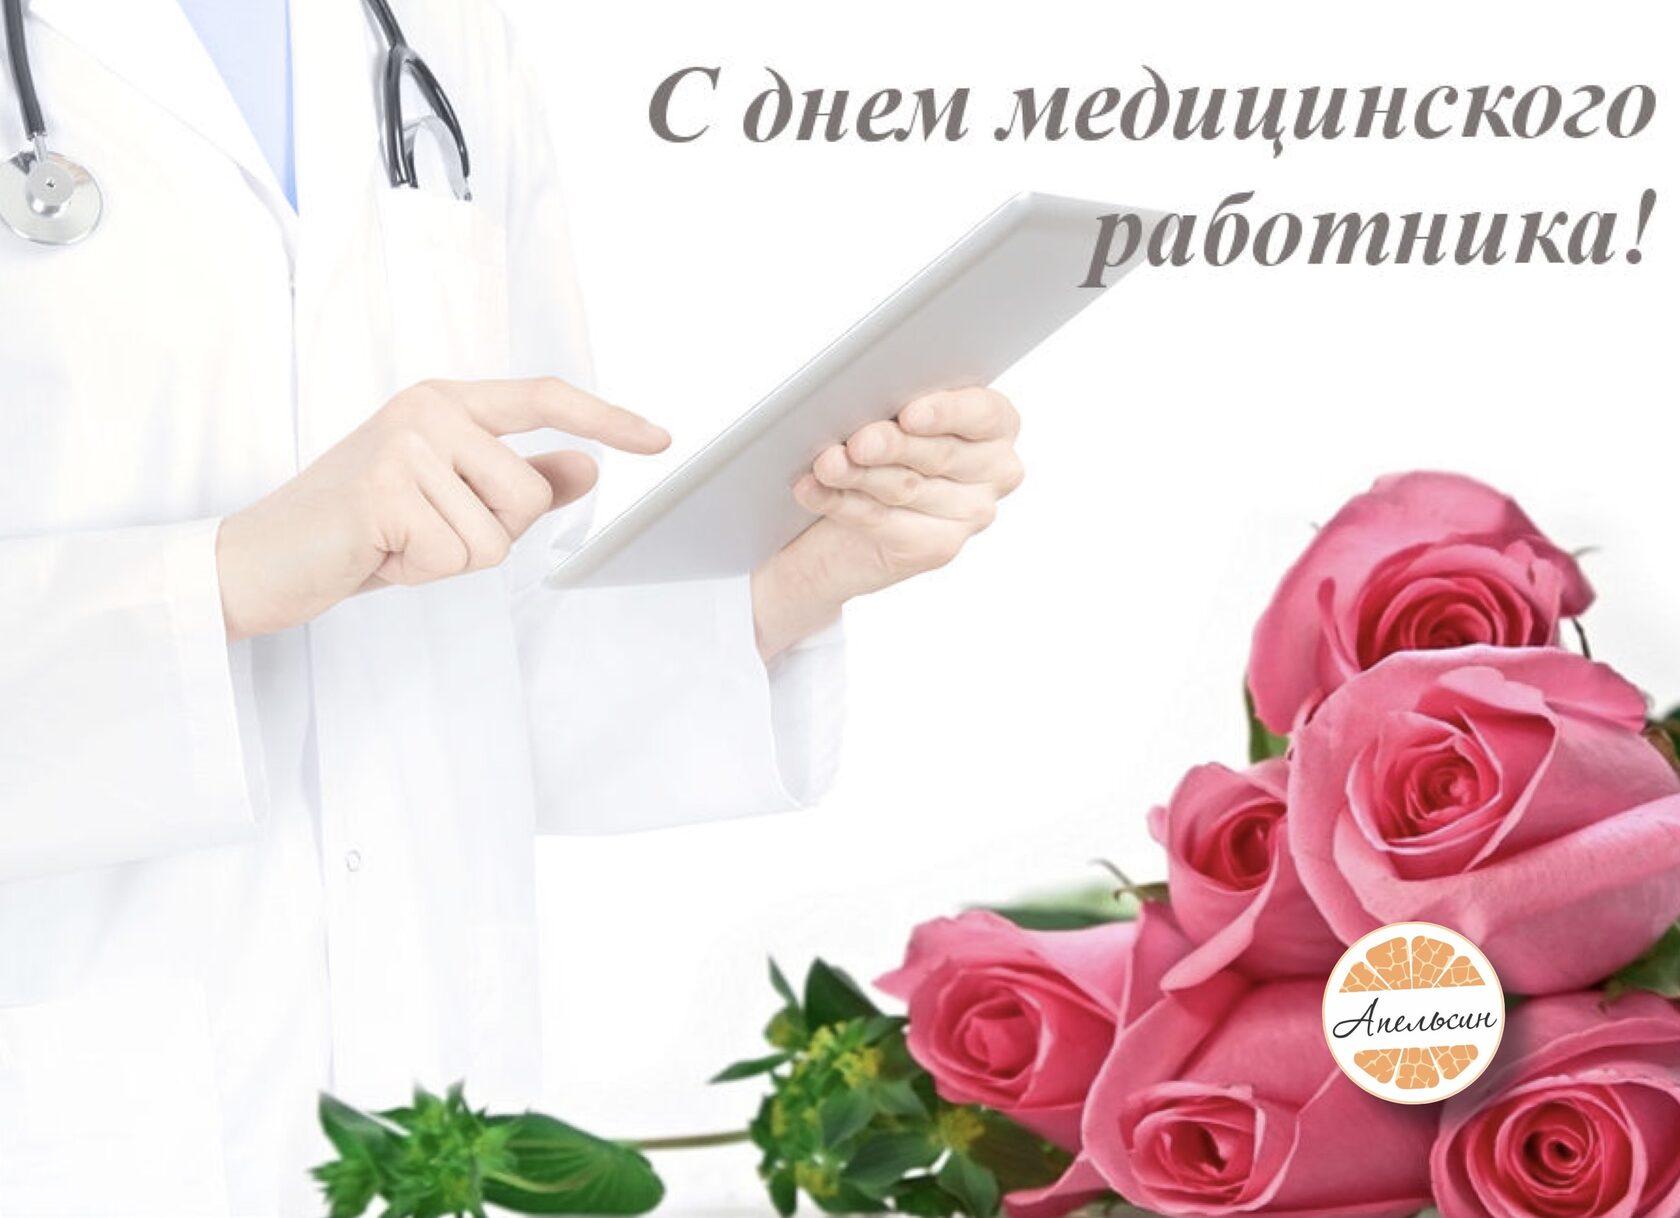 подарки ко дню медицинского работника